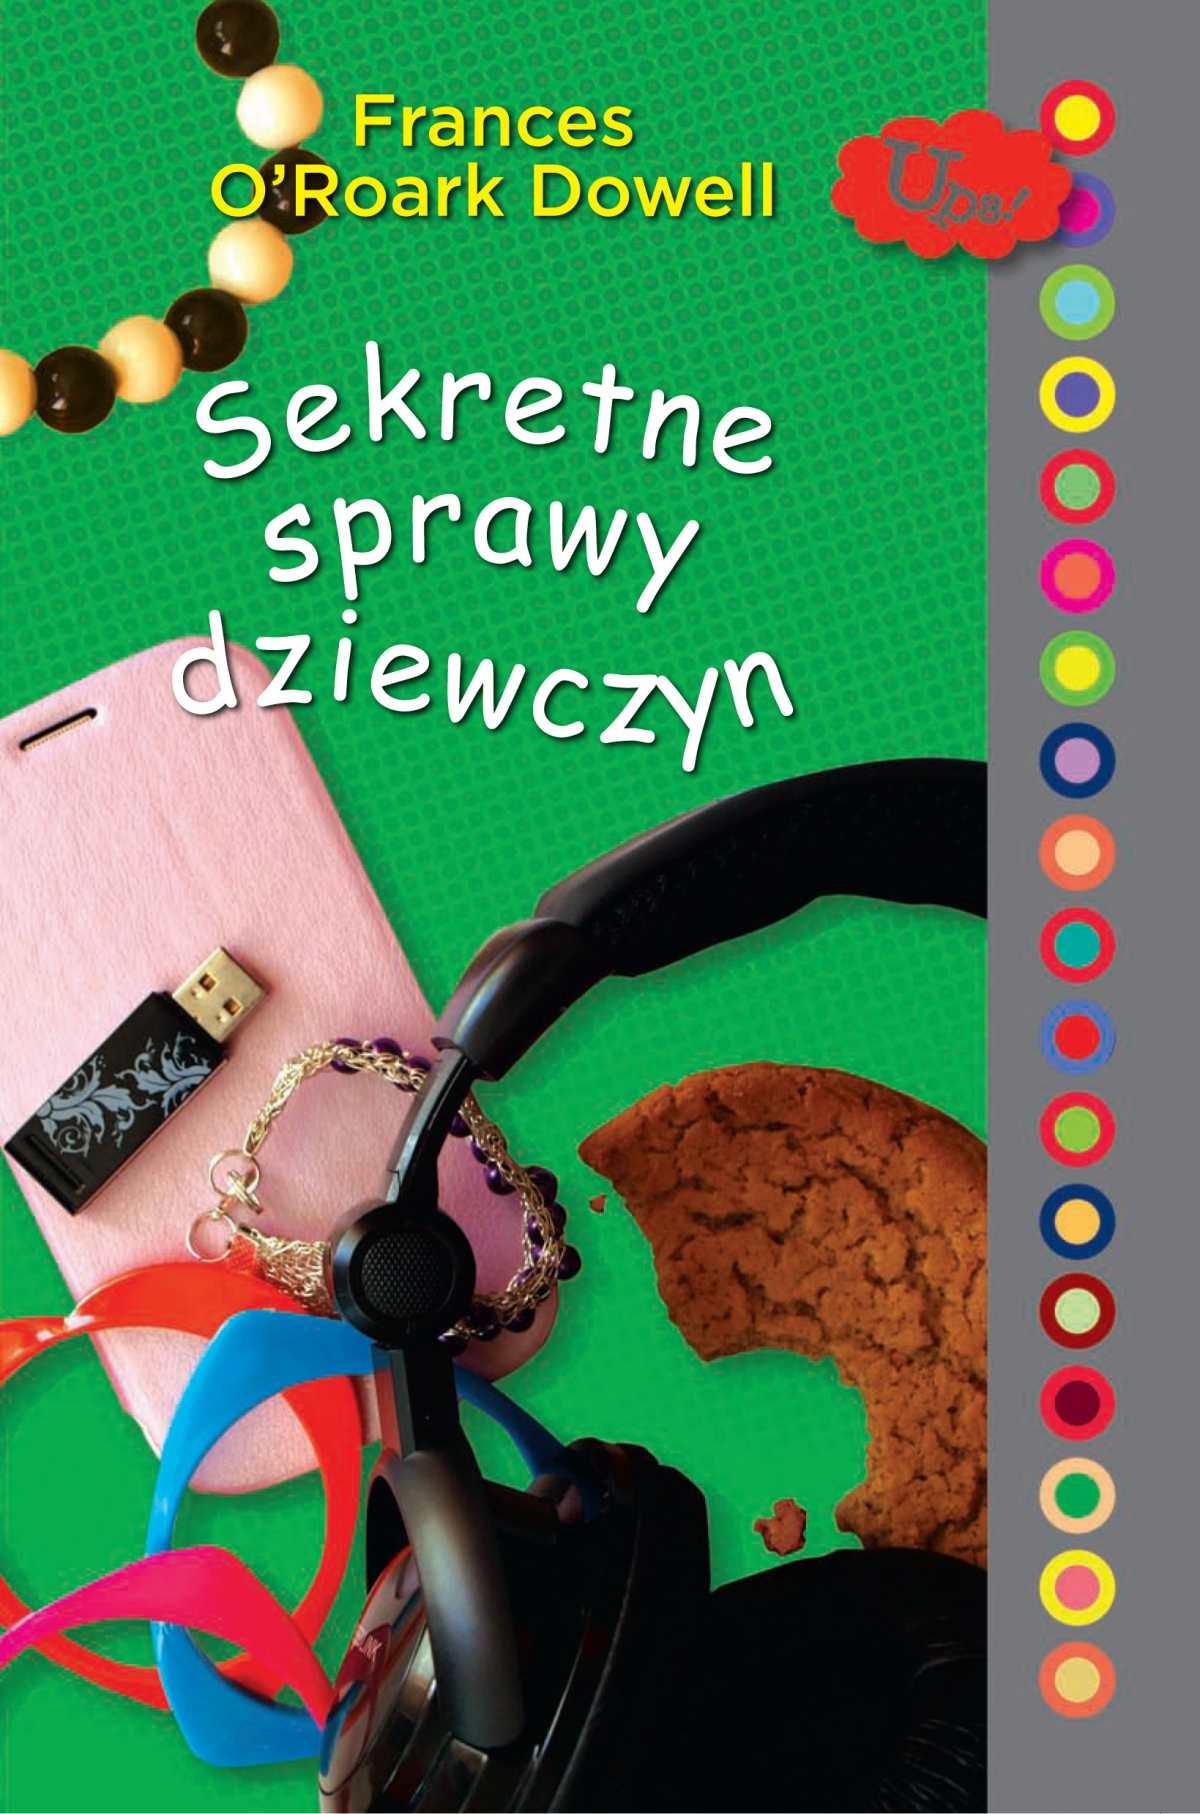 Sekretne sprawy dziewczyn - Ebook (Książka EPUB) do pobrania w formacie EPUB